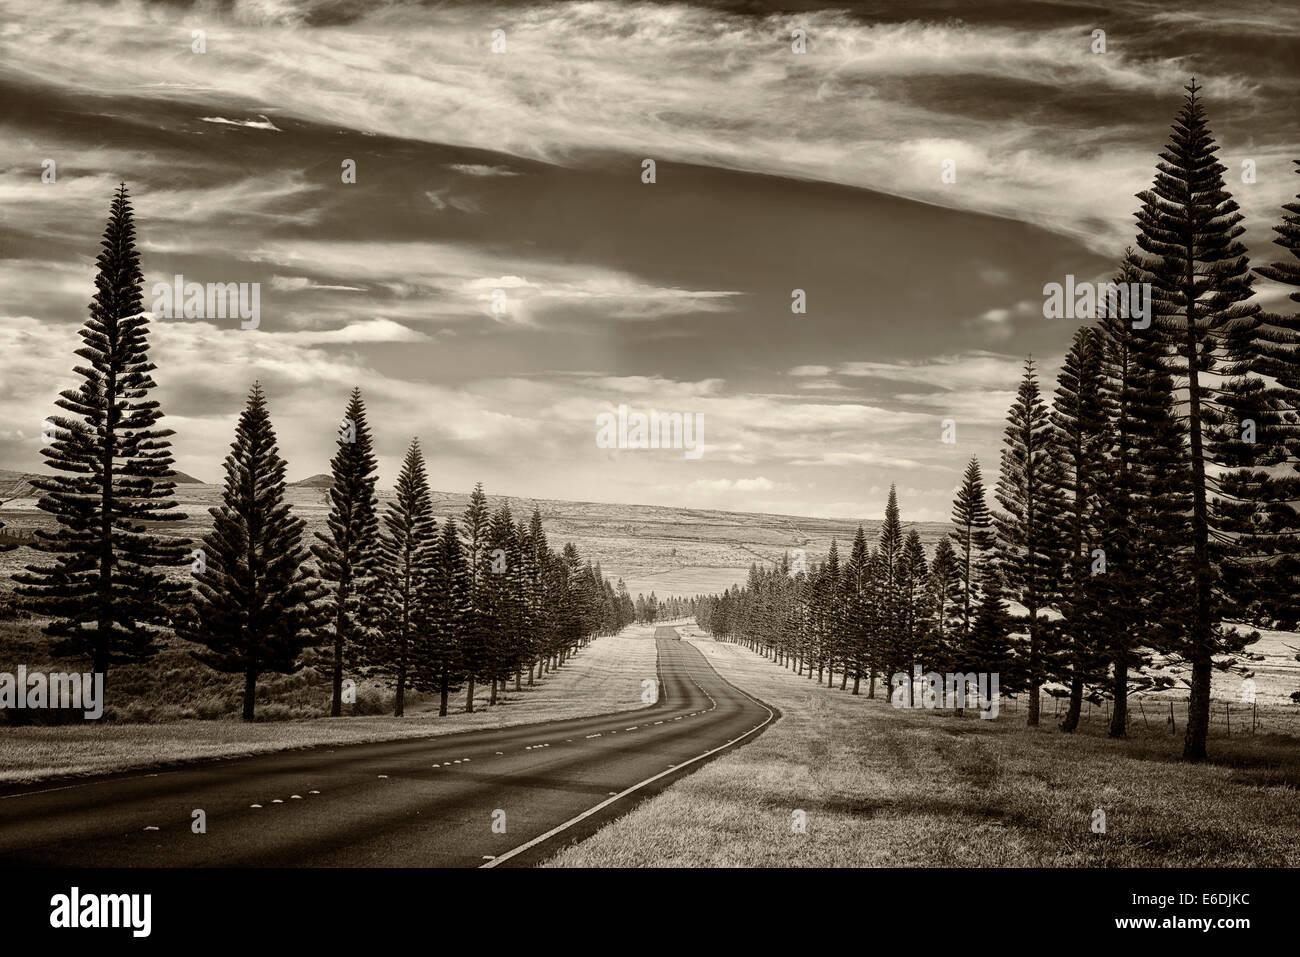 Main Road auf Lanai Cook Island Pinien gesäumt. Lanai, Hawaii Stockbild